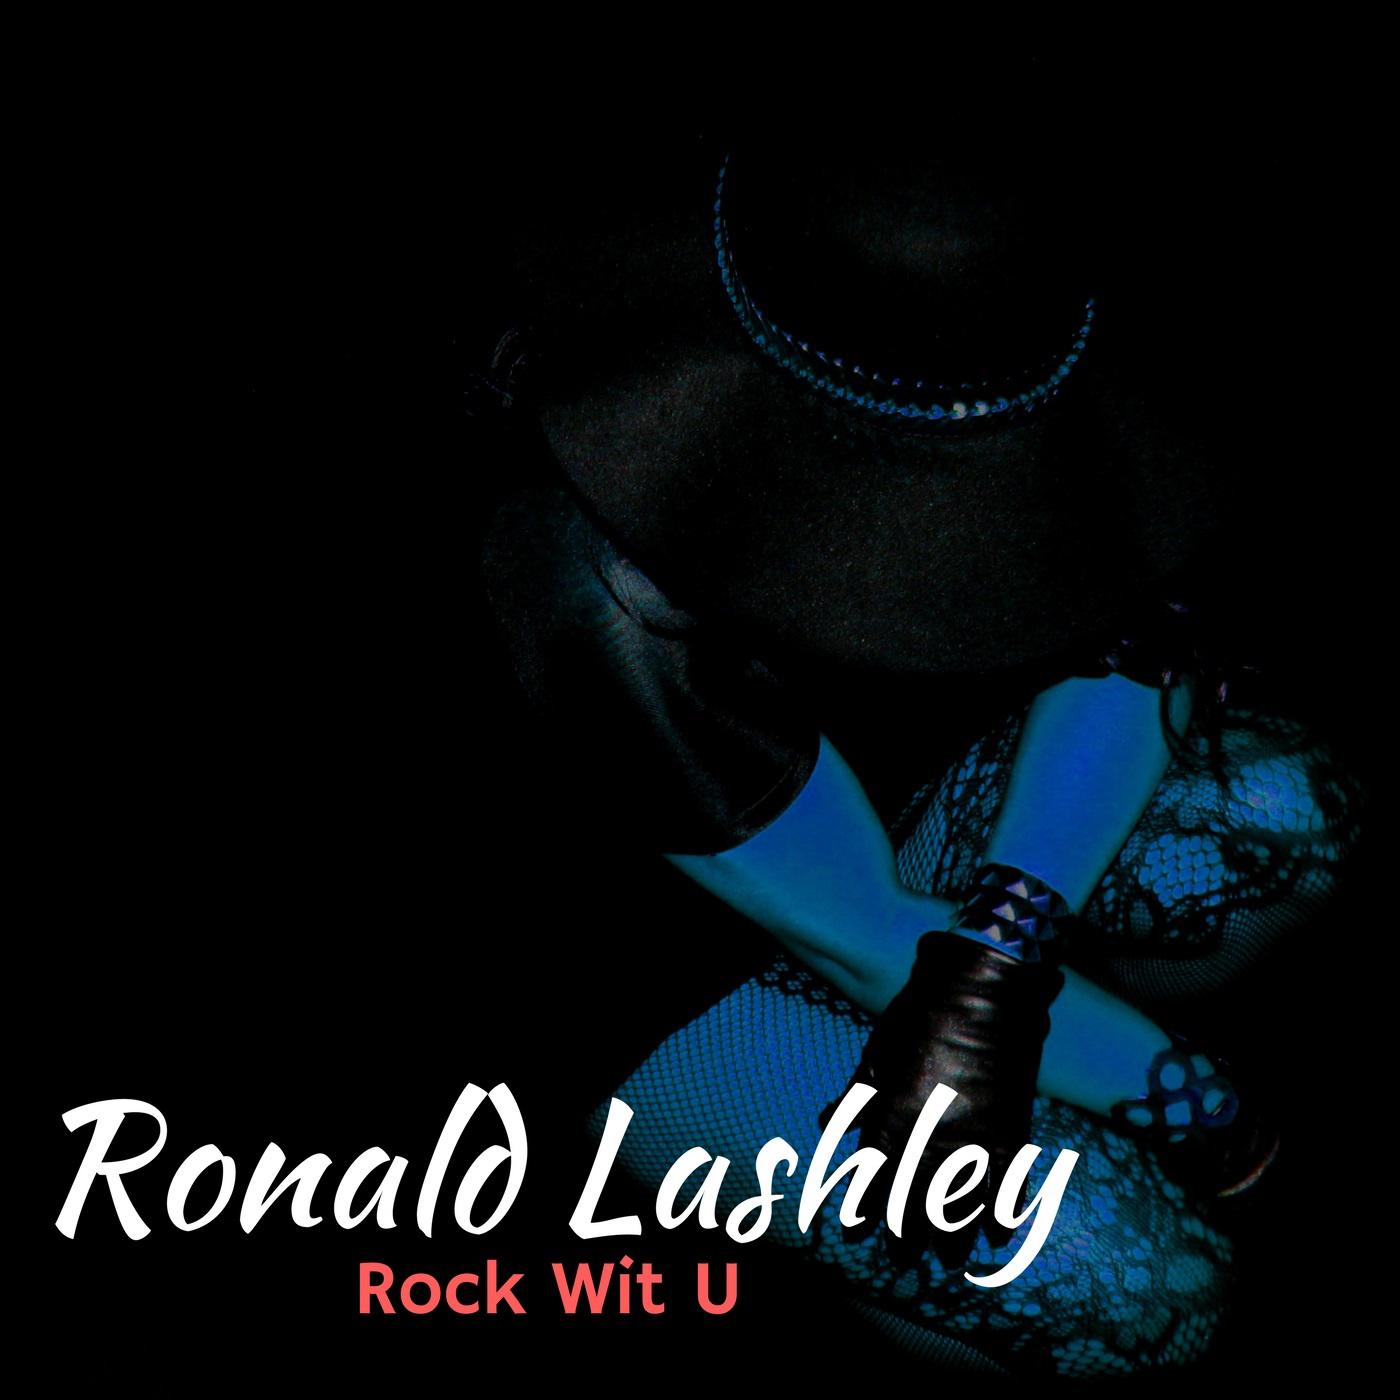 ROCK WIT U -Ronald Lashley